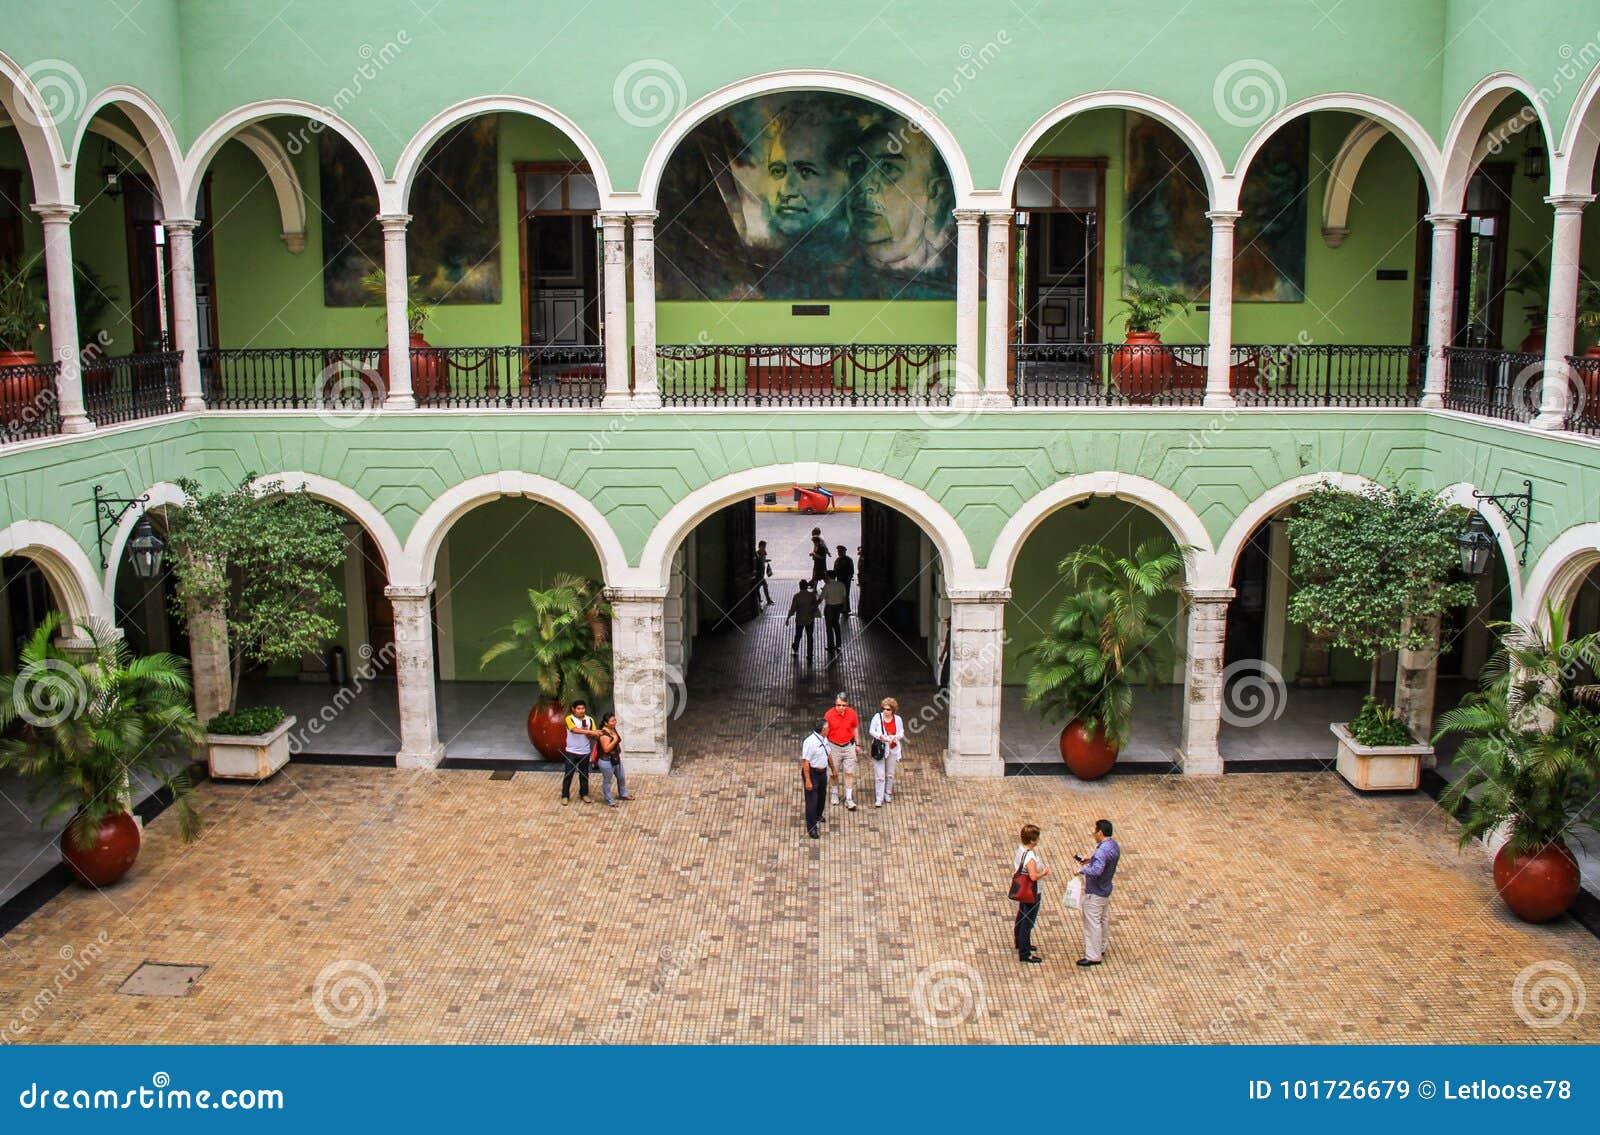 Inside The Governments Palace Of Yucatan, Merida, Yucatan